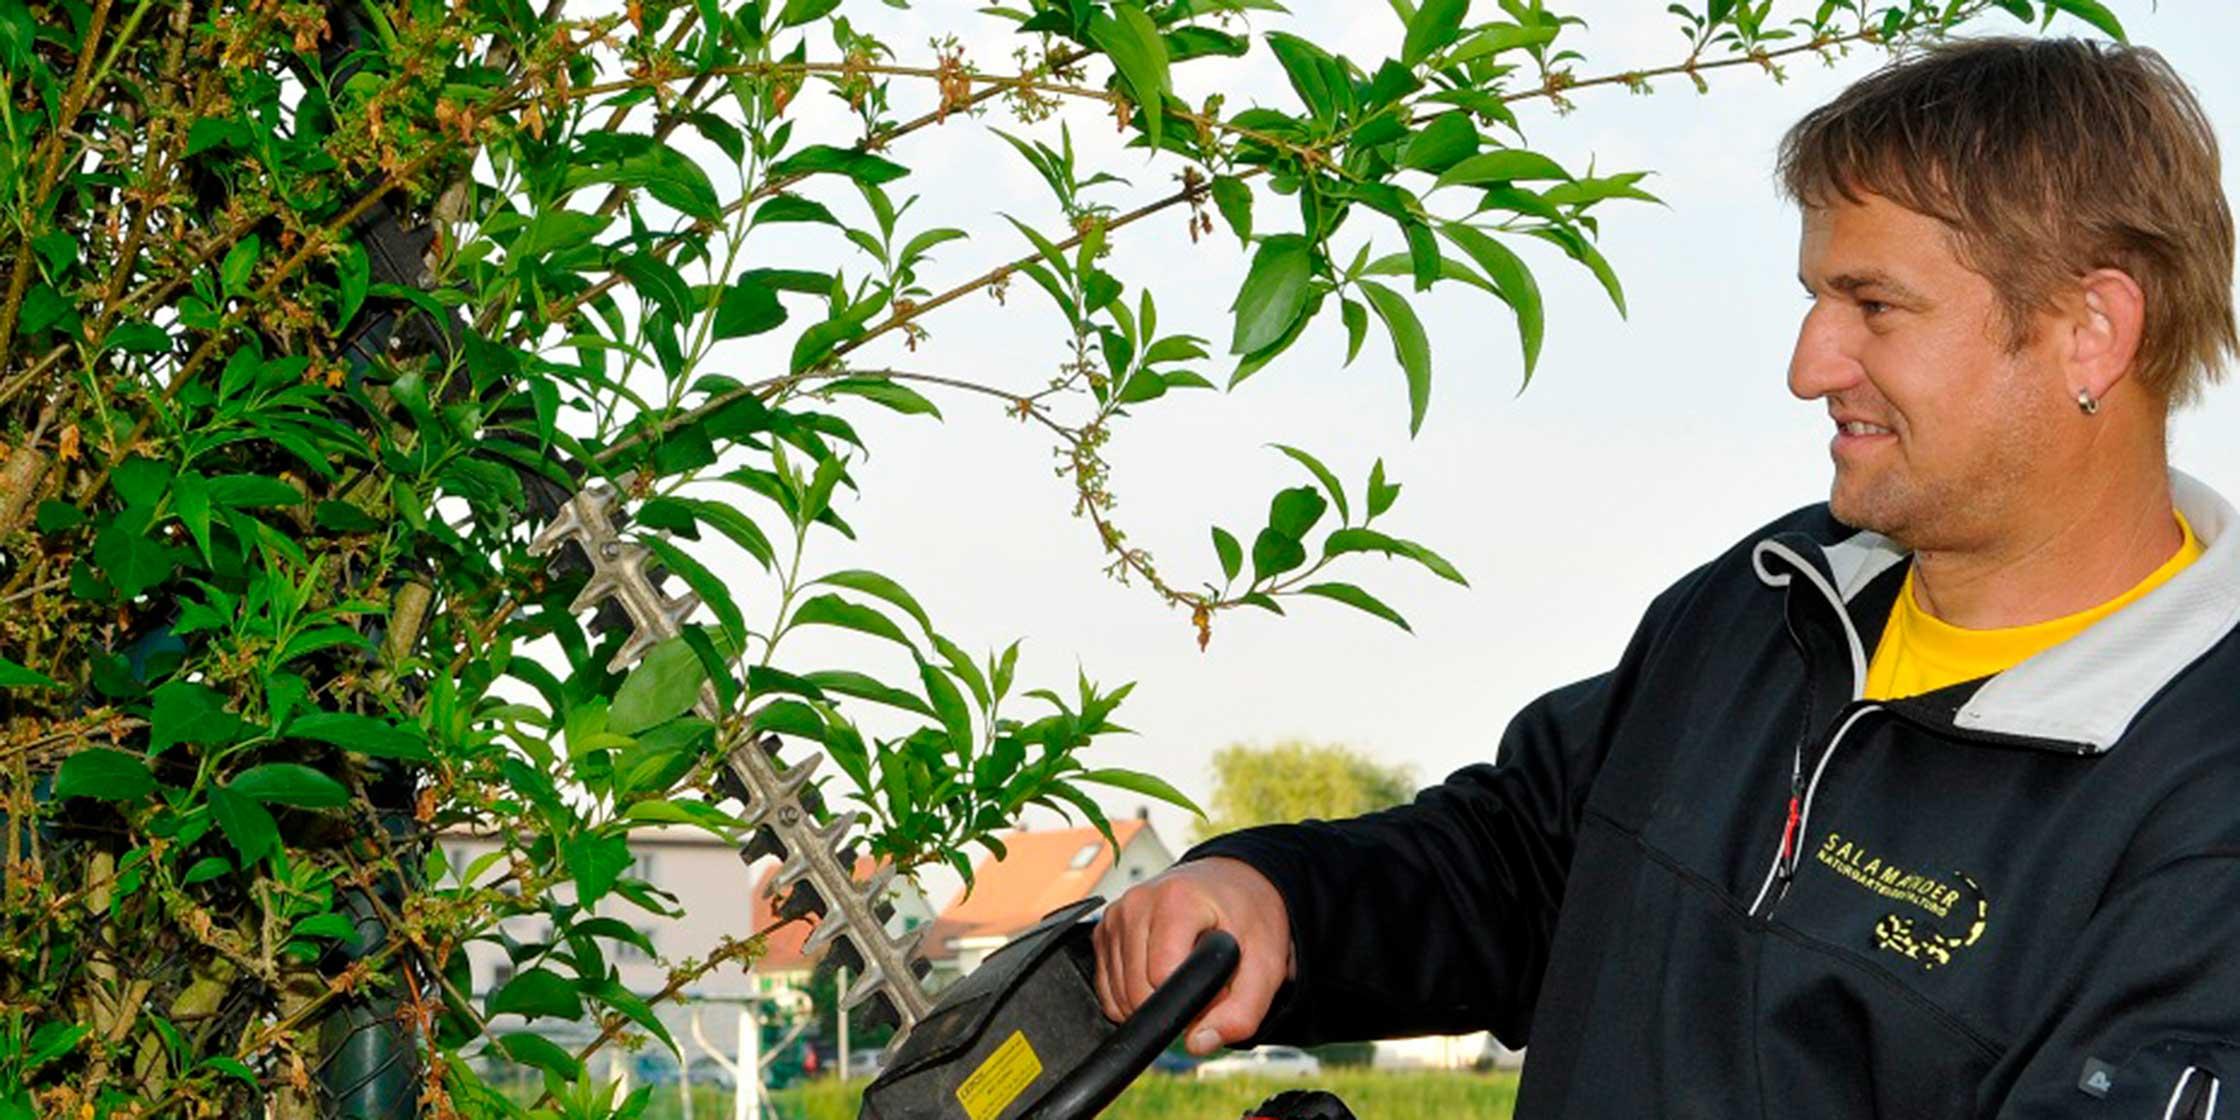 """""""Die Gärtner übernehmen ihre Aufgaben selbstständig. Das schätze ich und wir ergänzen uns gut."""""""